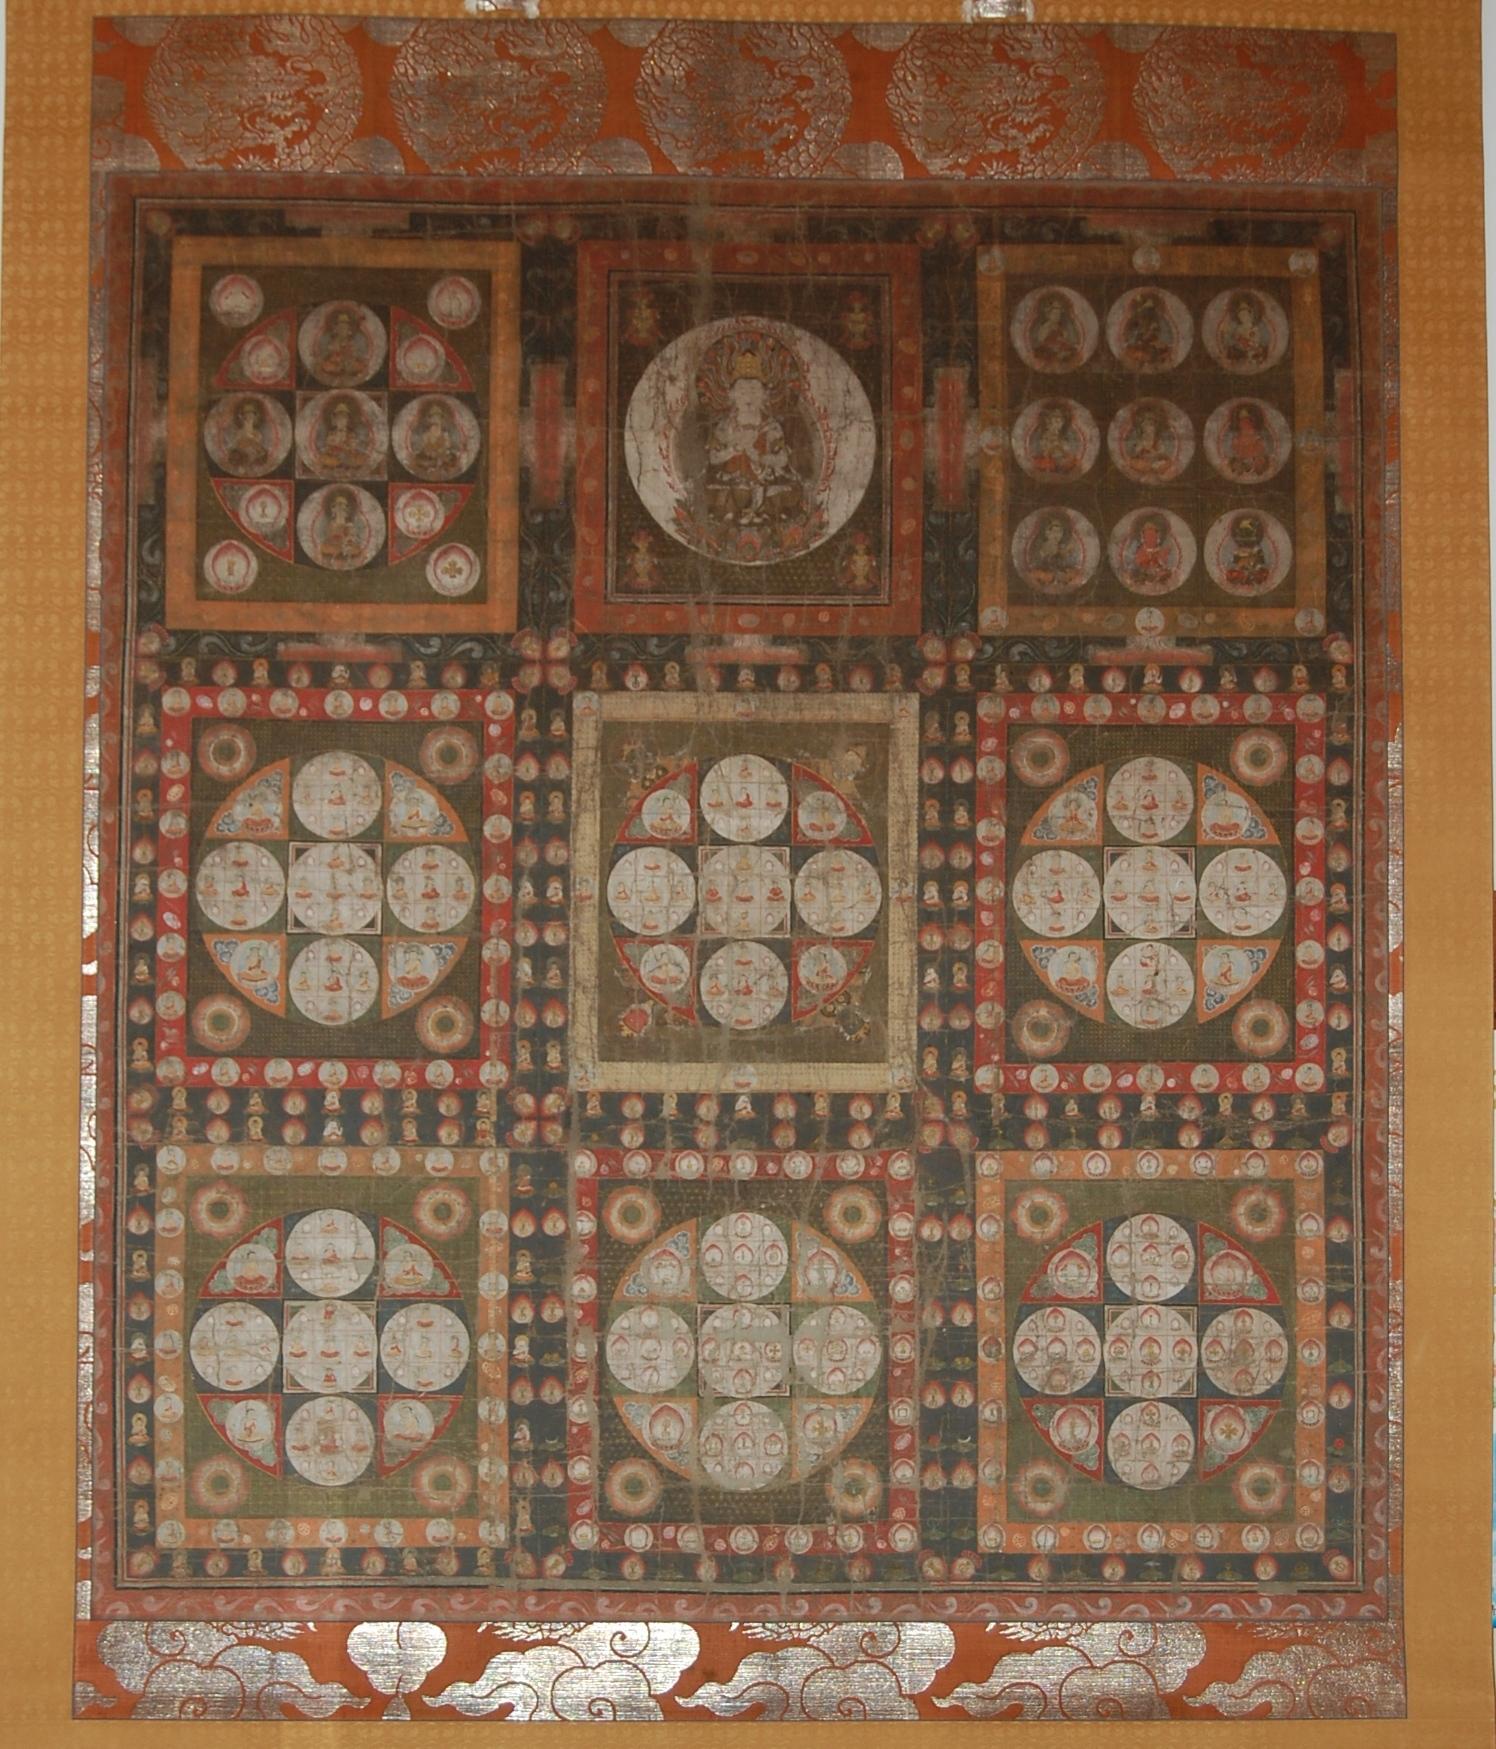 福寿院金剛界曼荼羅の画像